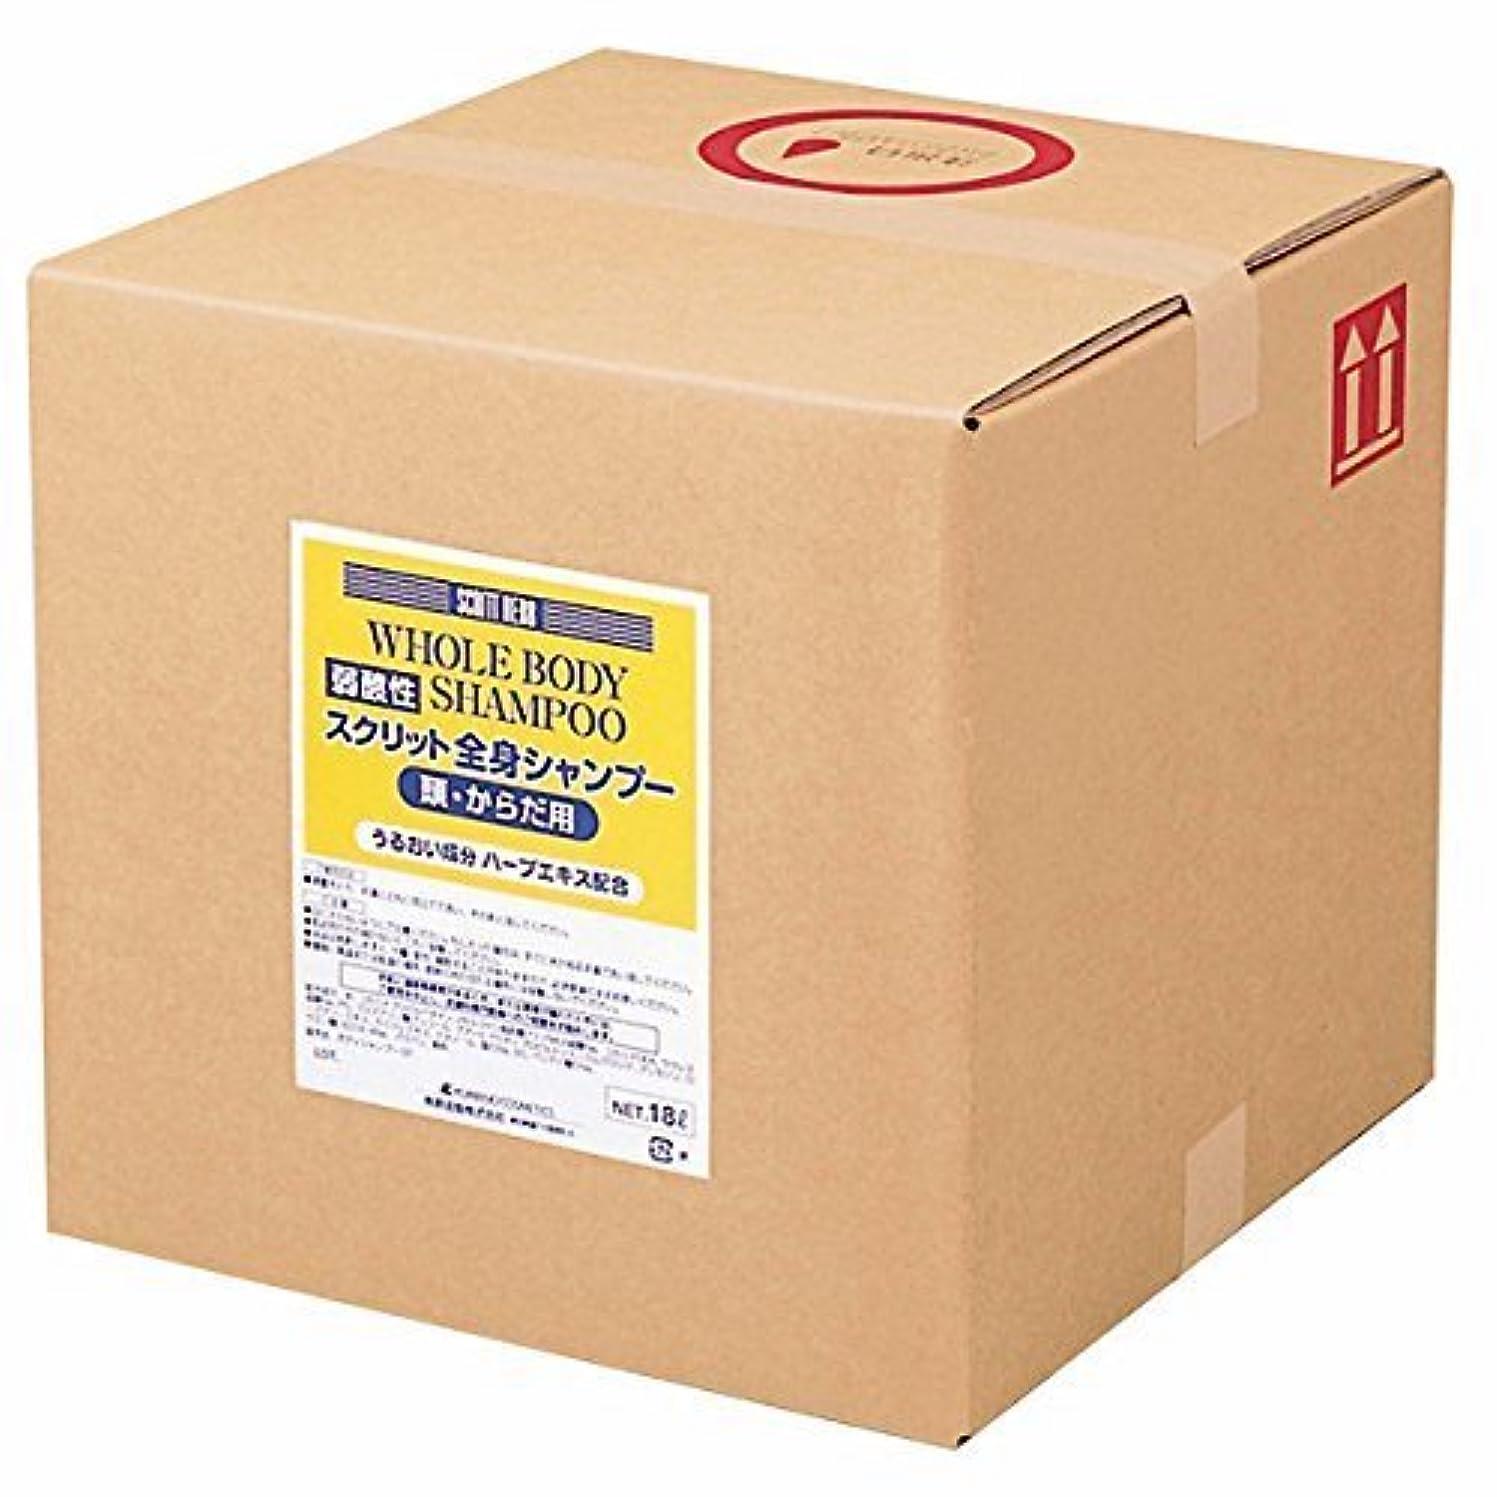 バッテリー機会熱業務用 SCRITT(スクリット) 全身シャンプー 18L 熊野油脂 (コック付き)